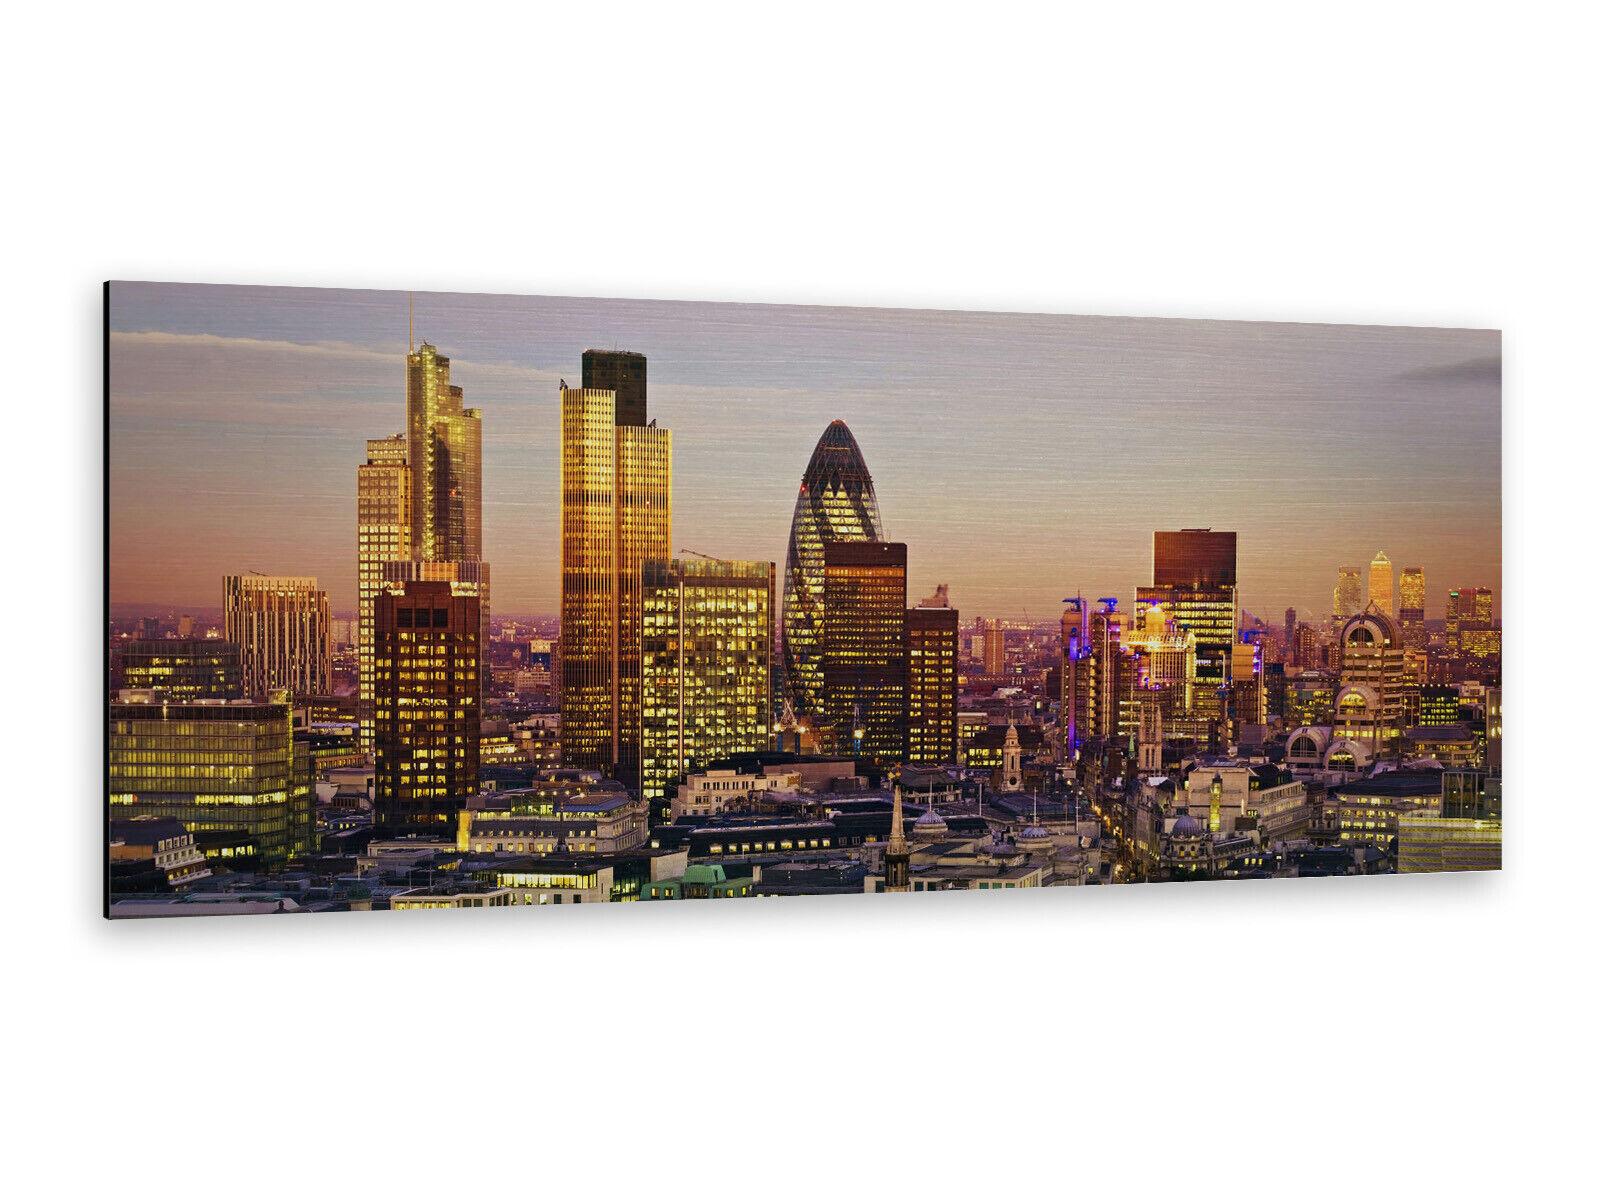 Alu-Dibond Bild ALP12502109 Sonnenuntergang London Skyline  125 x 50cm Edel gebü